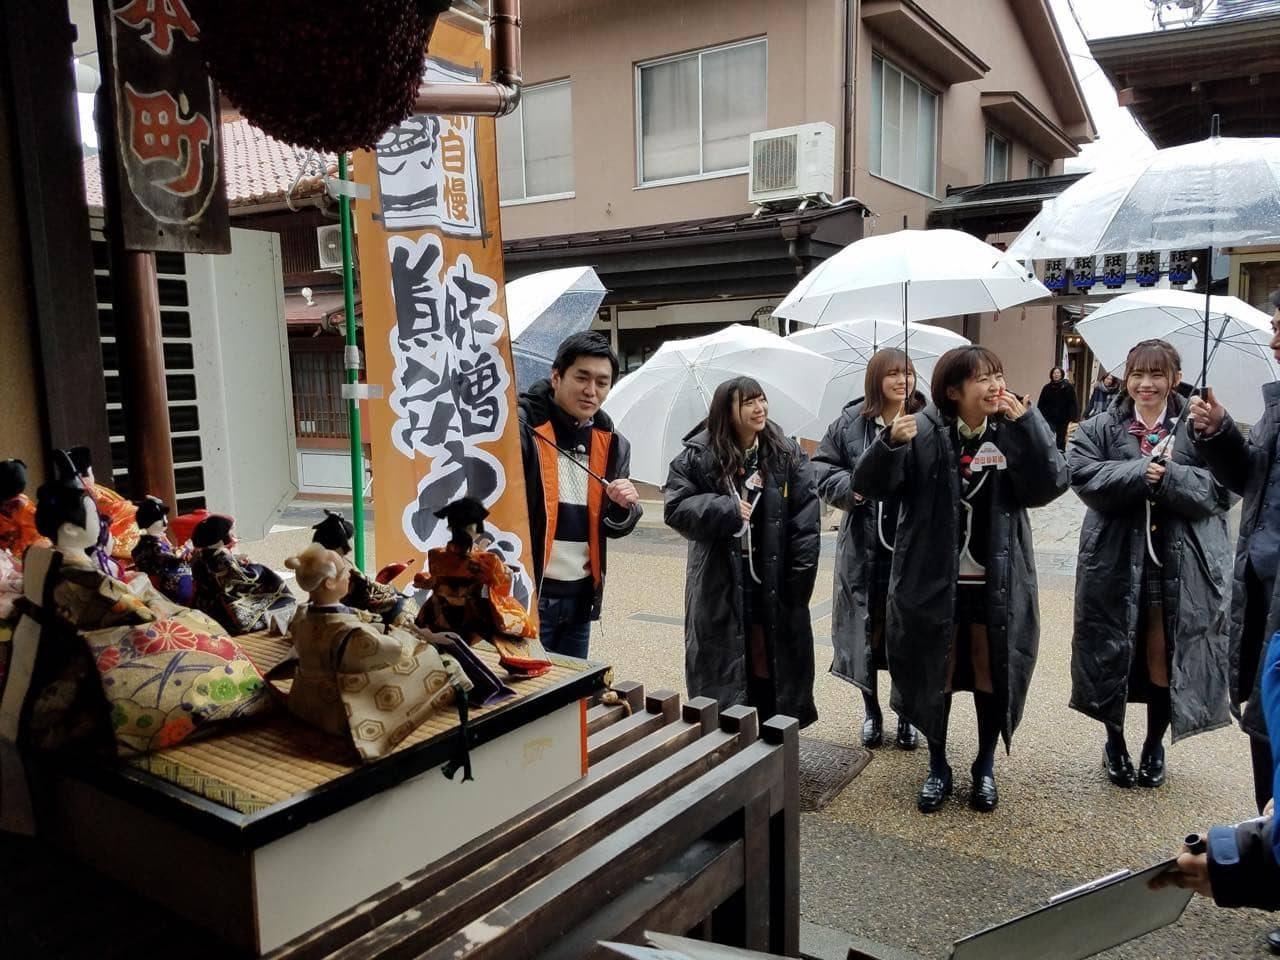 東海テレビ「SKE48 むすびのイチバン!」平成の印象的な出来事クイズ対決in岐阜! [3/12 24:25~]